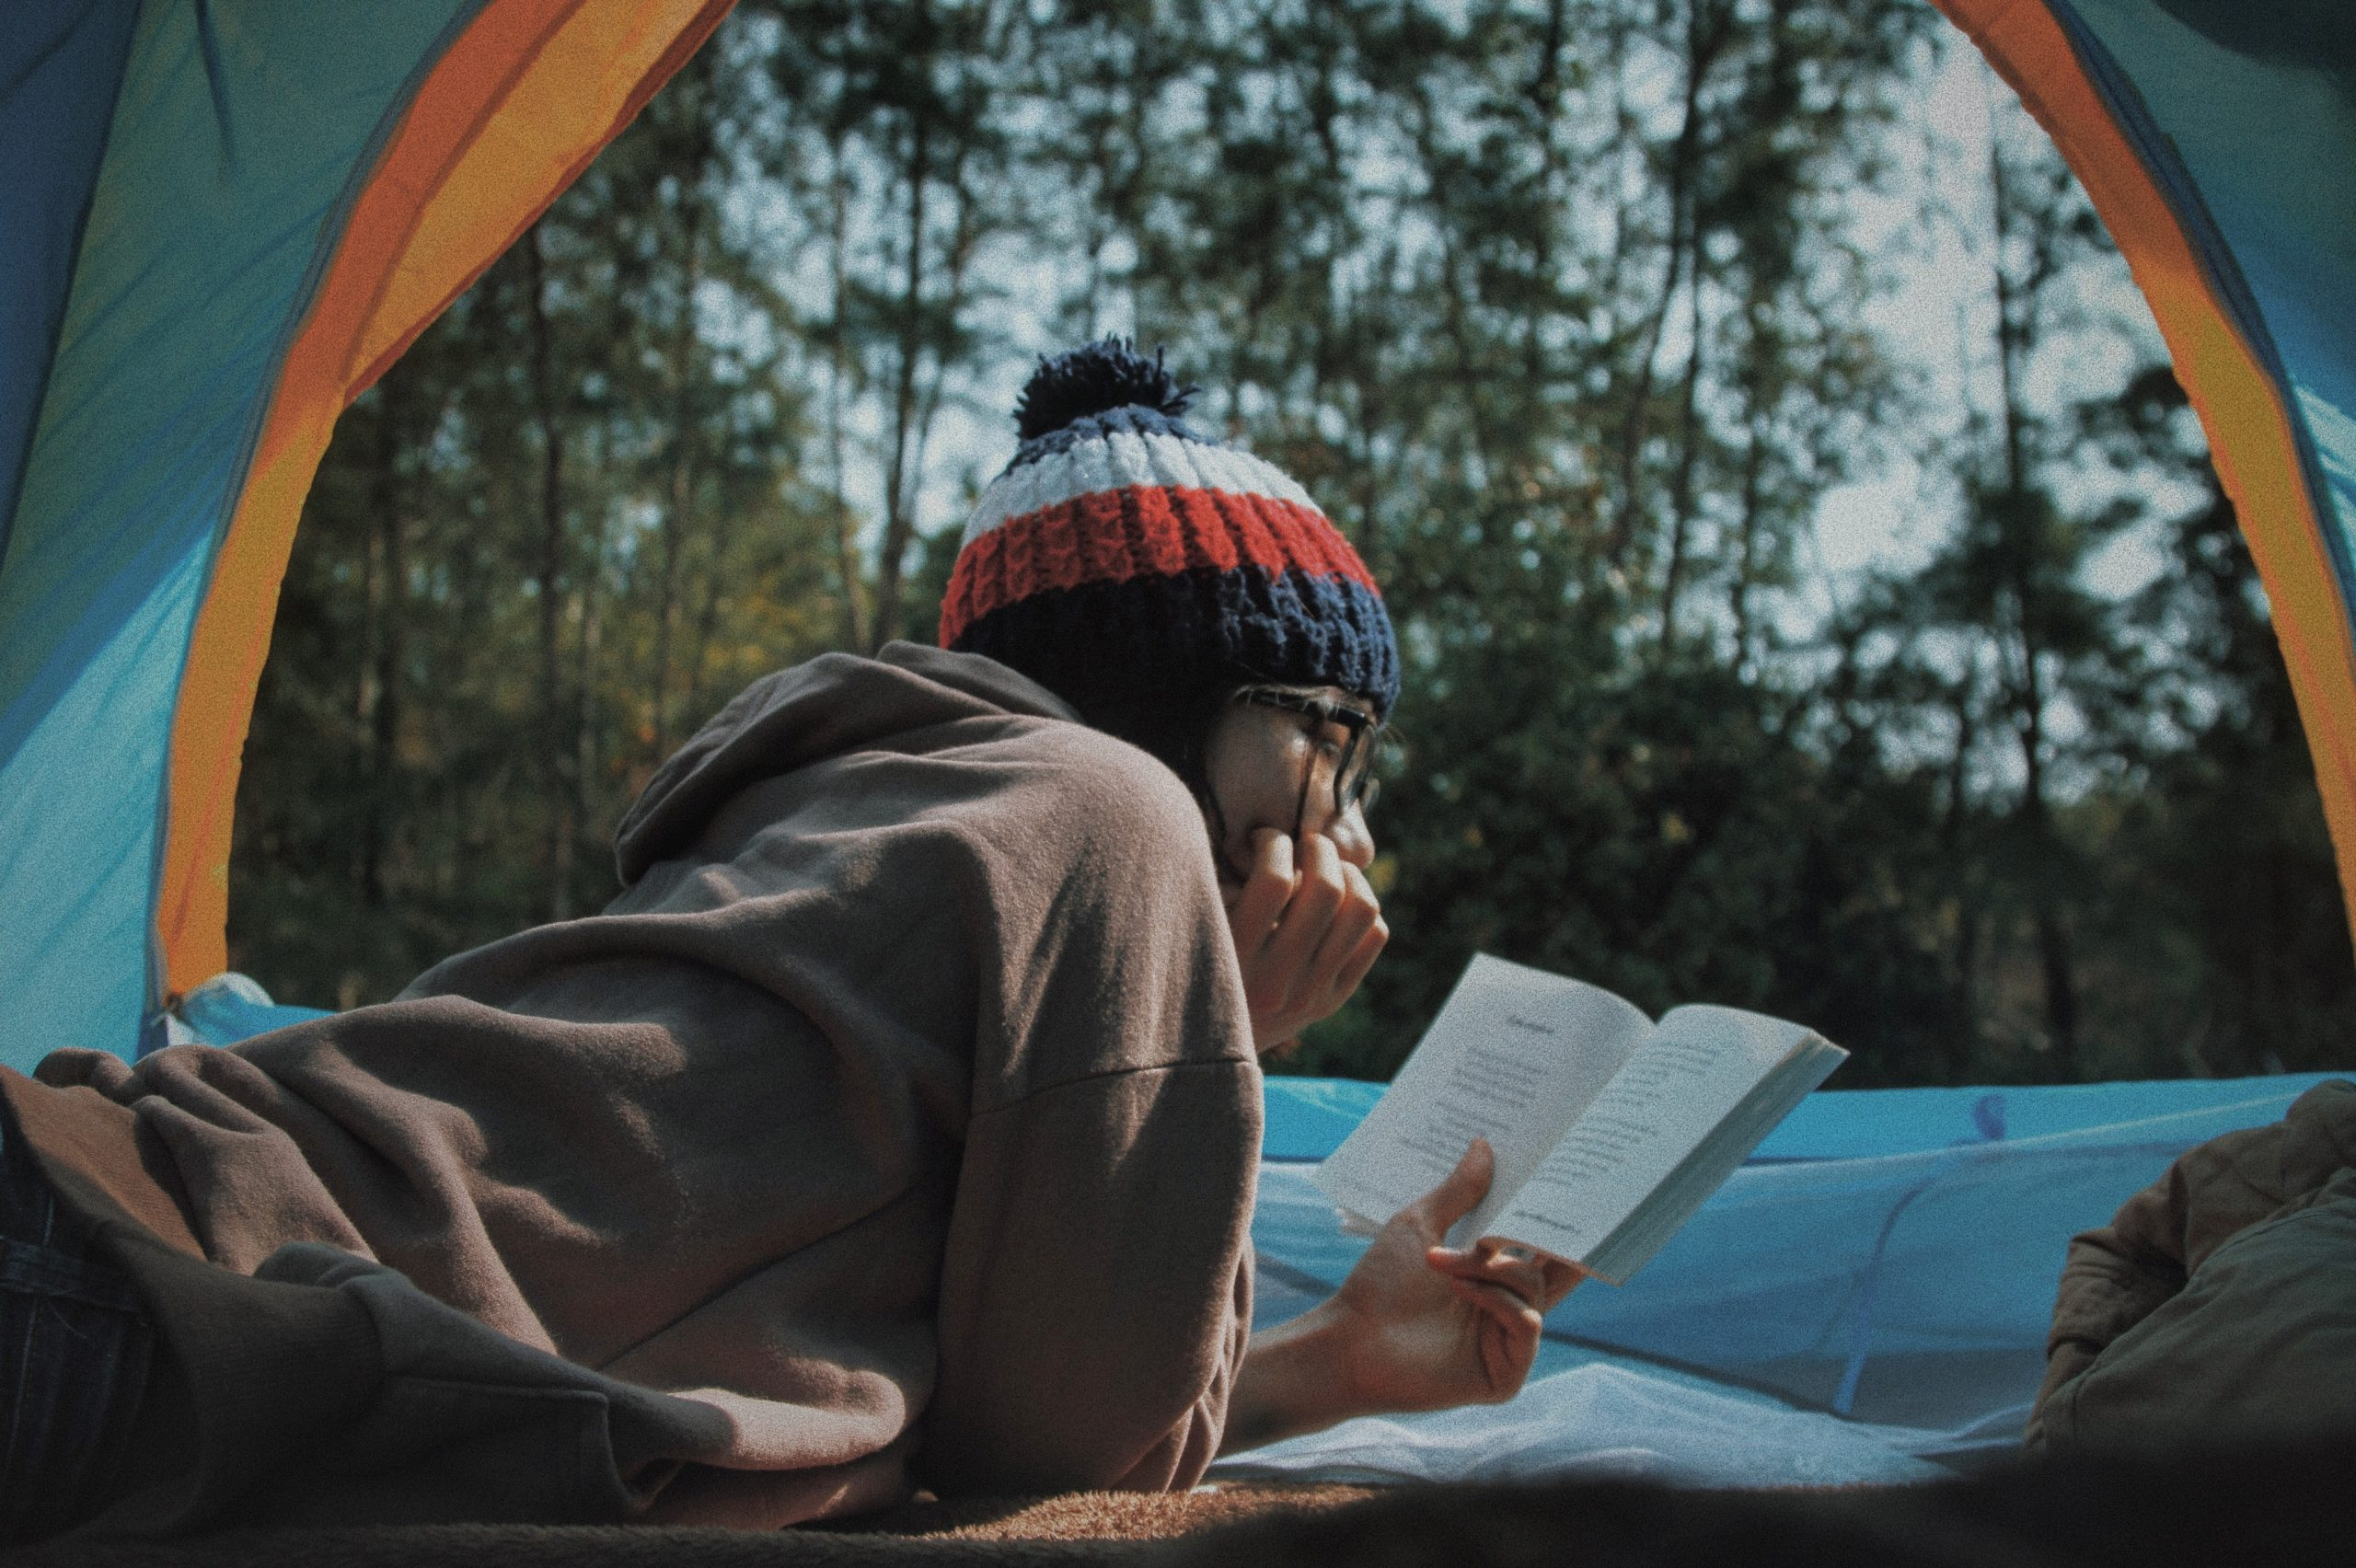 いつも家で読書をしている人にグッとくるアニメ、ゆるキャン△